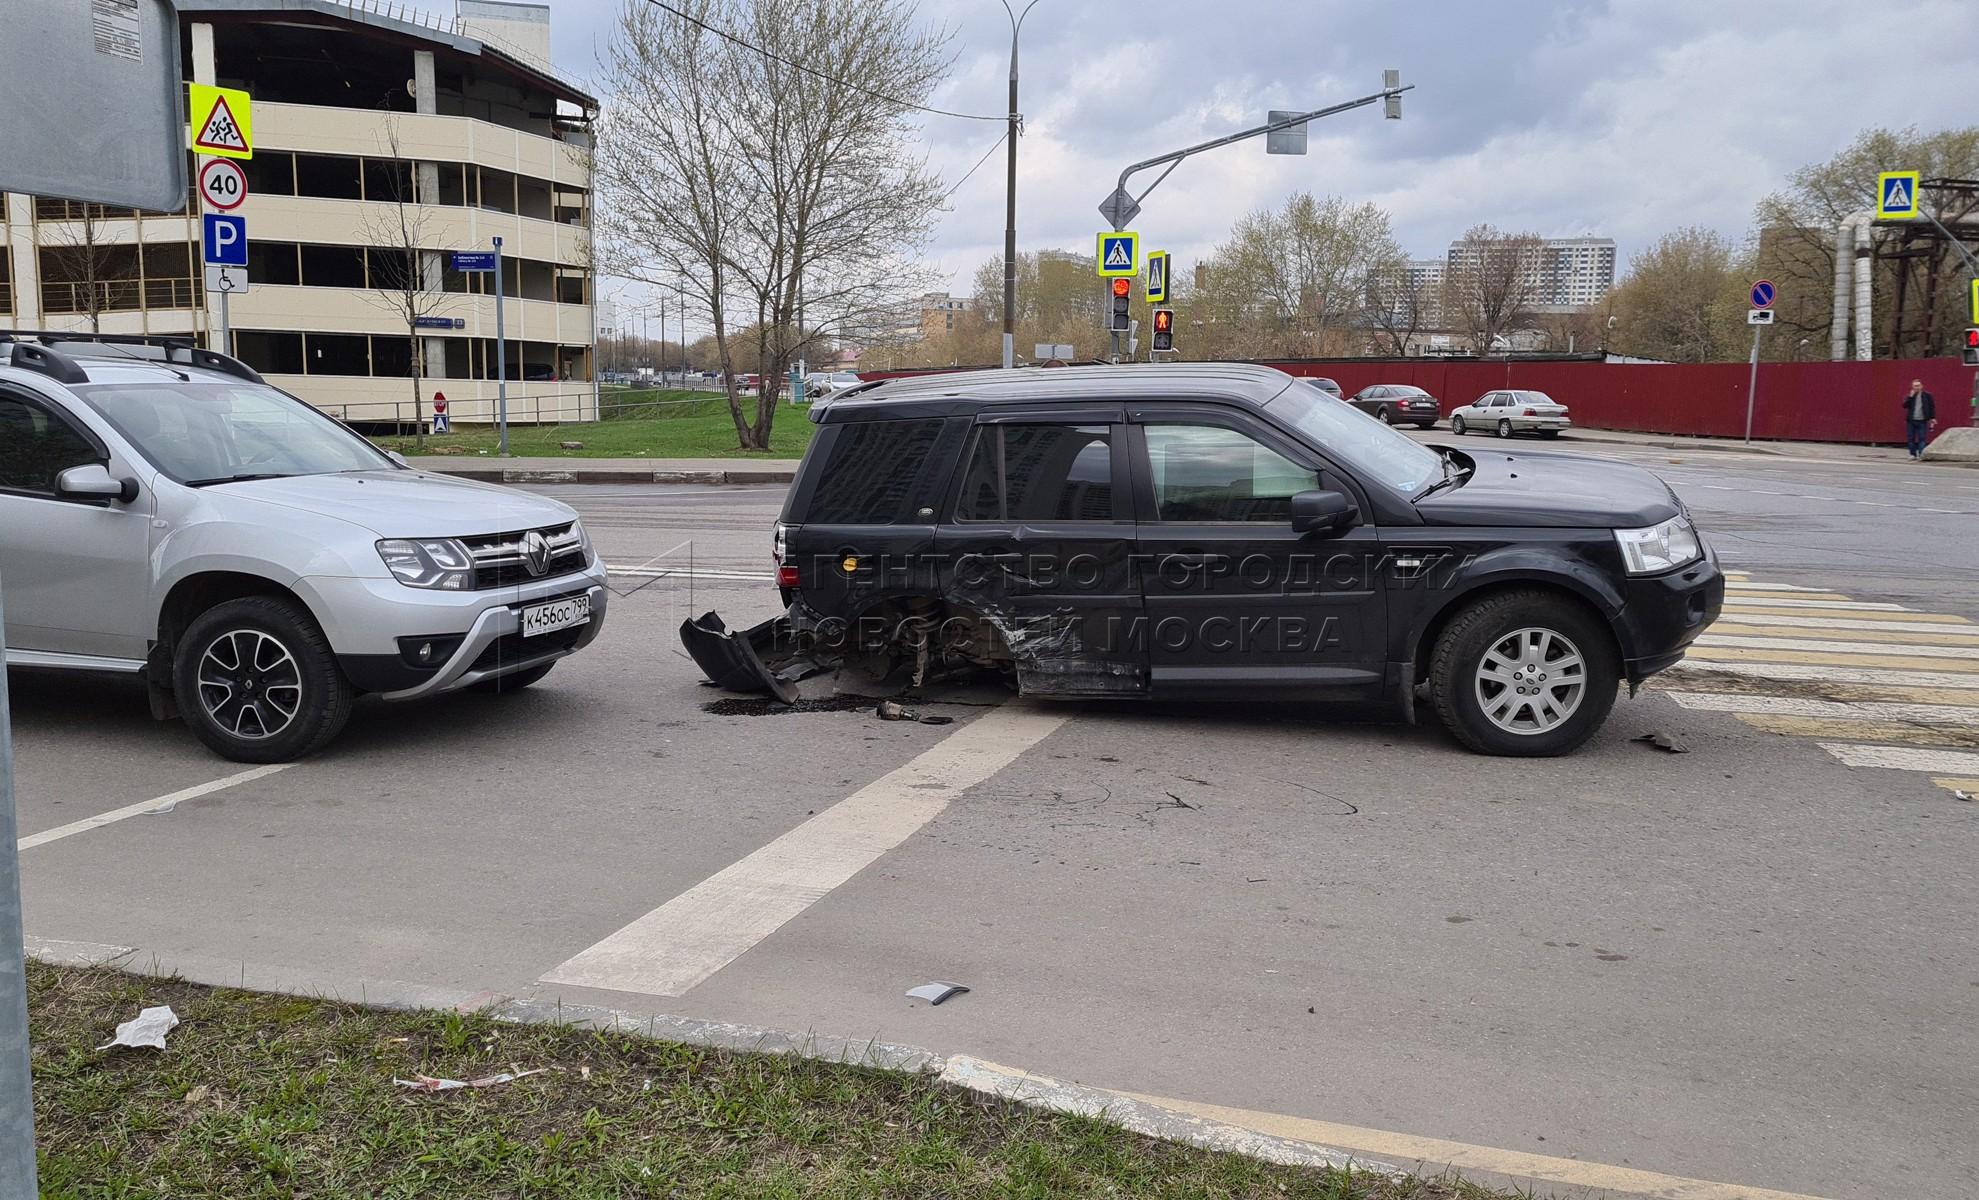 Последствия ДТП с участием трех автомобилей на ул. Саратовская, д. 26.